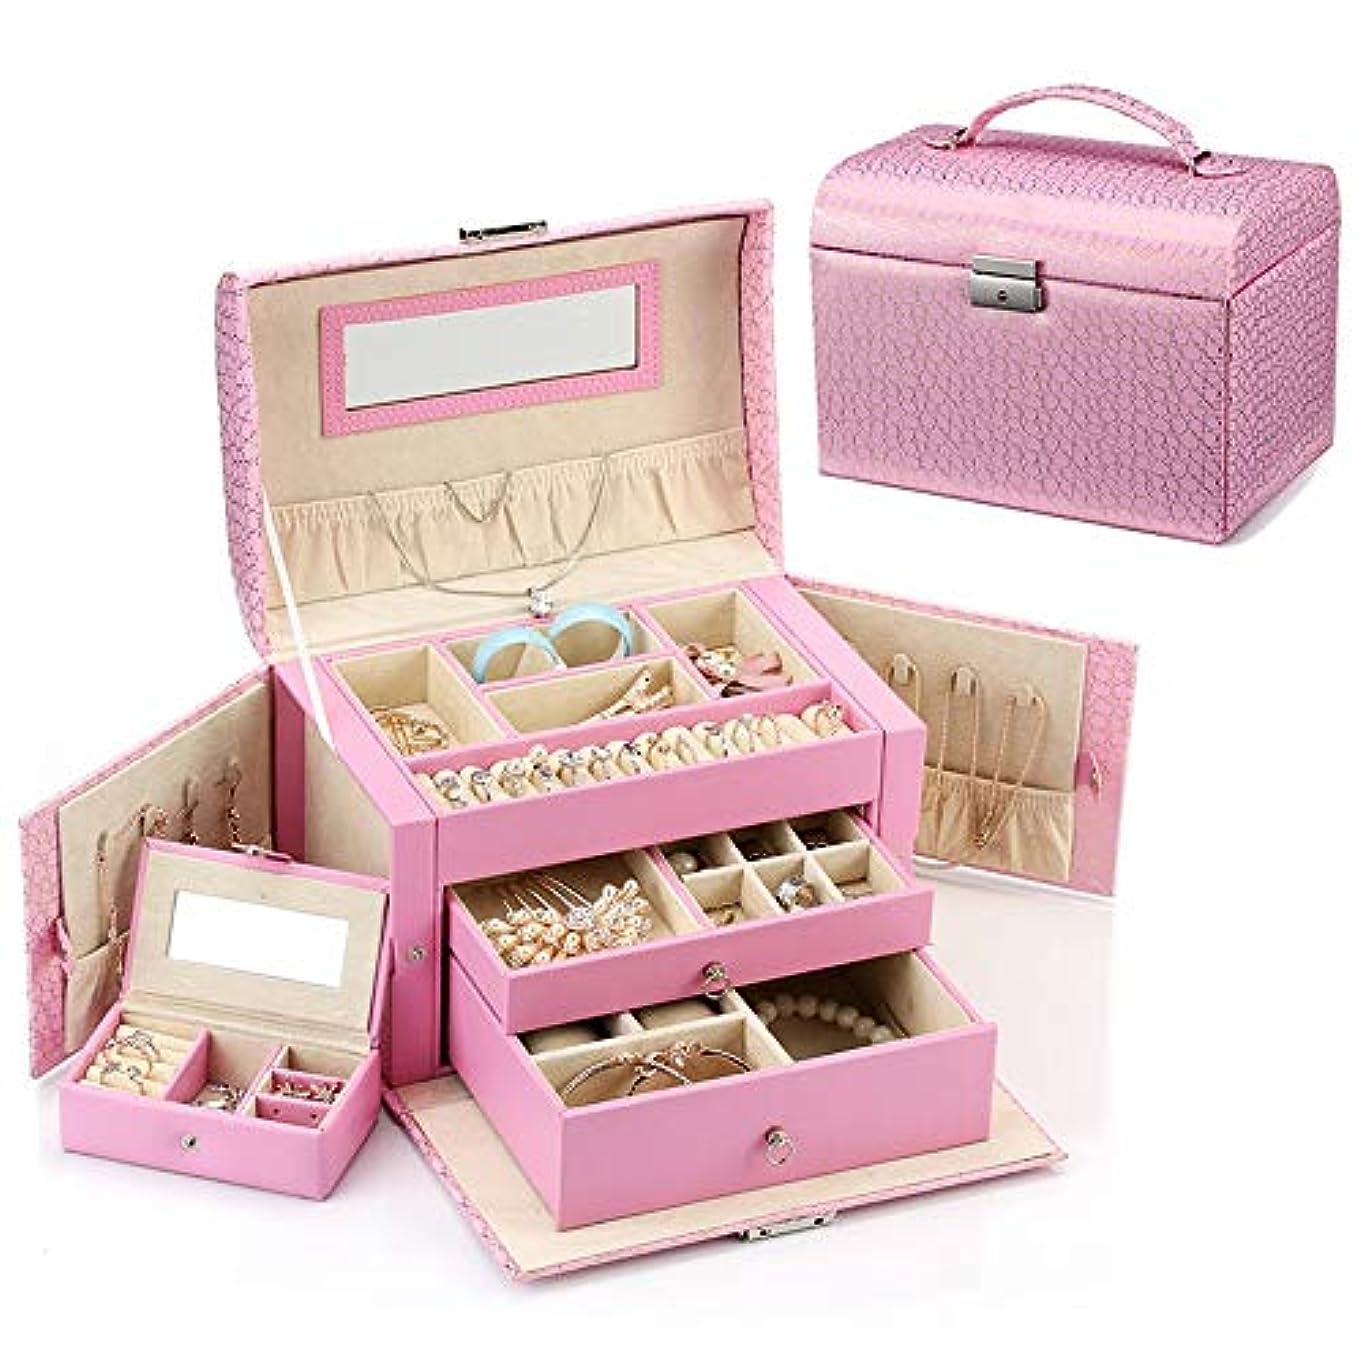 シャベル厳しいスマイル特大スペース収納ビューティーボックス ジュエリーボックス、イミテーションレザーミディアムジュエリー収納ボックス、ポータブル、ロックレディレトロギフト - マルチカラーオプション 化粧品化粧台 (色 : ピンク)